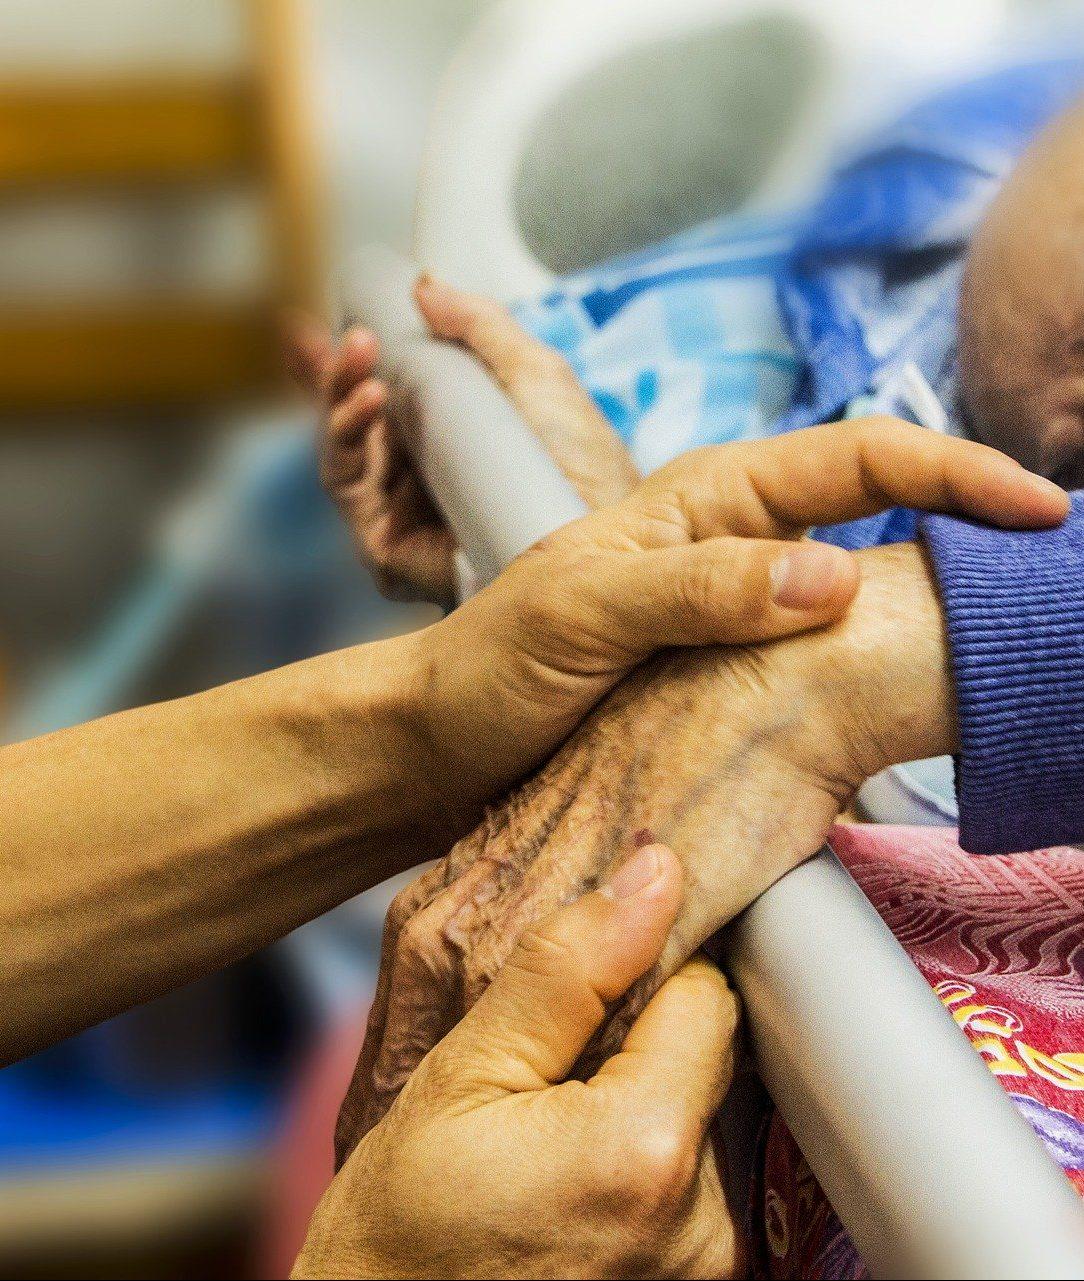 Espiritualidade pode influenciar no enfrentamento de doenças graves